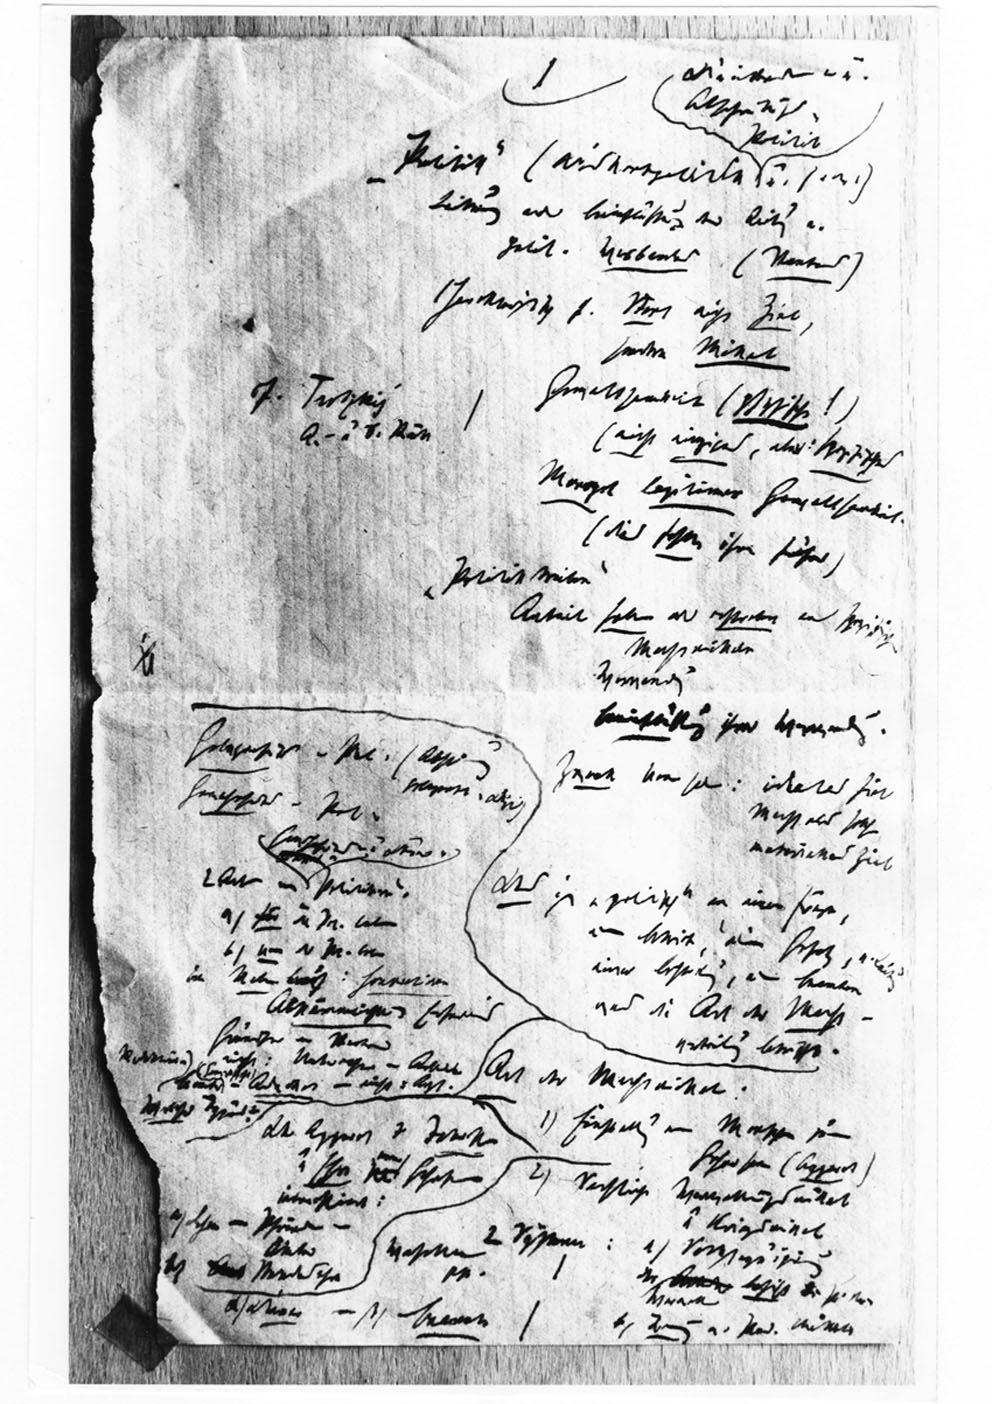 """Max Weber: Blatt 1 des Stichwortmanuskripts zu """"Politik als Beruf"""" (wie MWG I/17, S. 138) © Haus der Geschichte Baden-Württemberg, Sammlung Leif Geiges, mit freundlicher Genehmigung"""